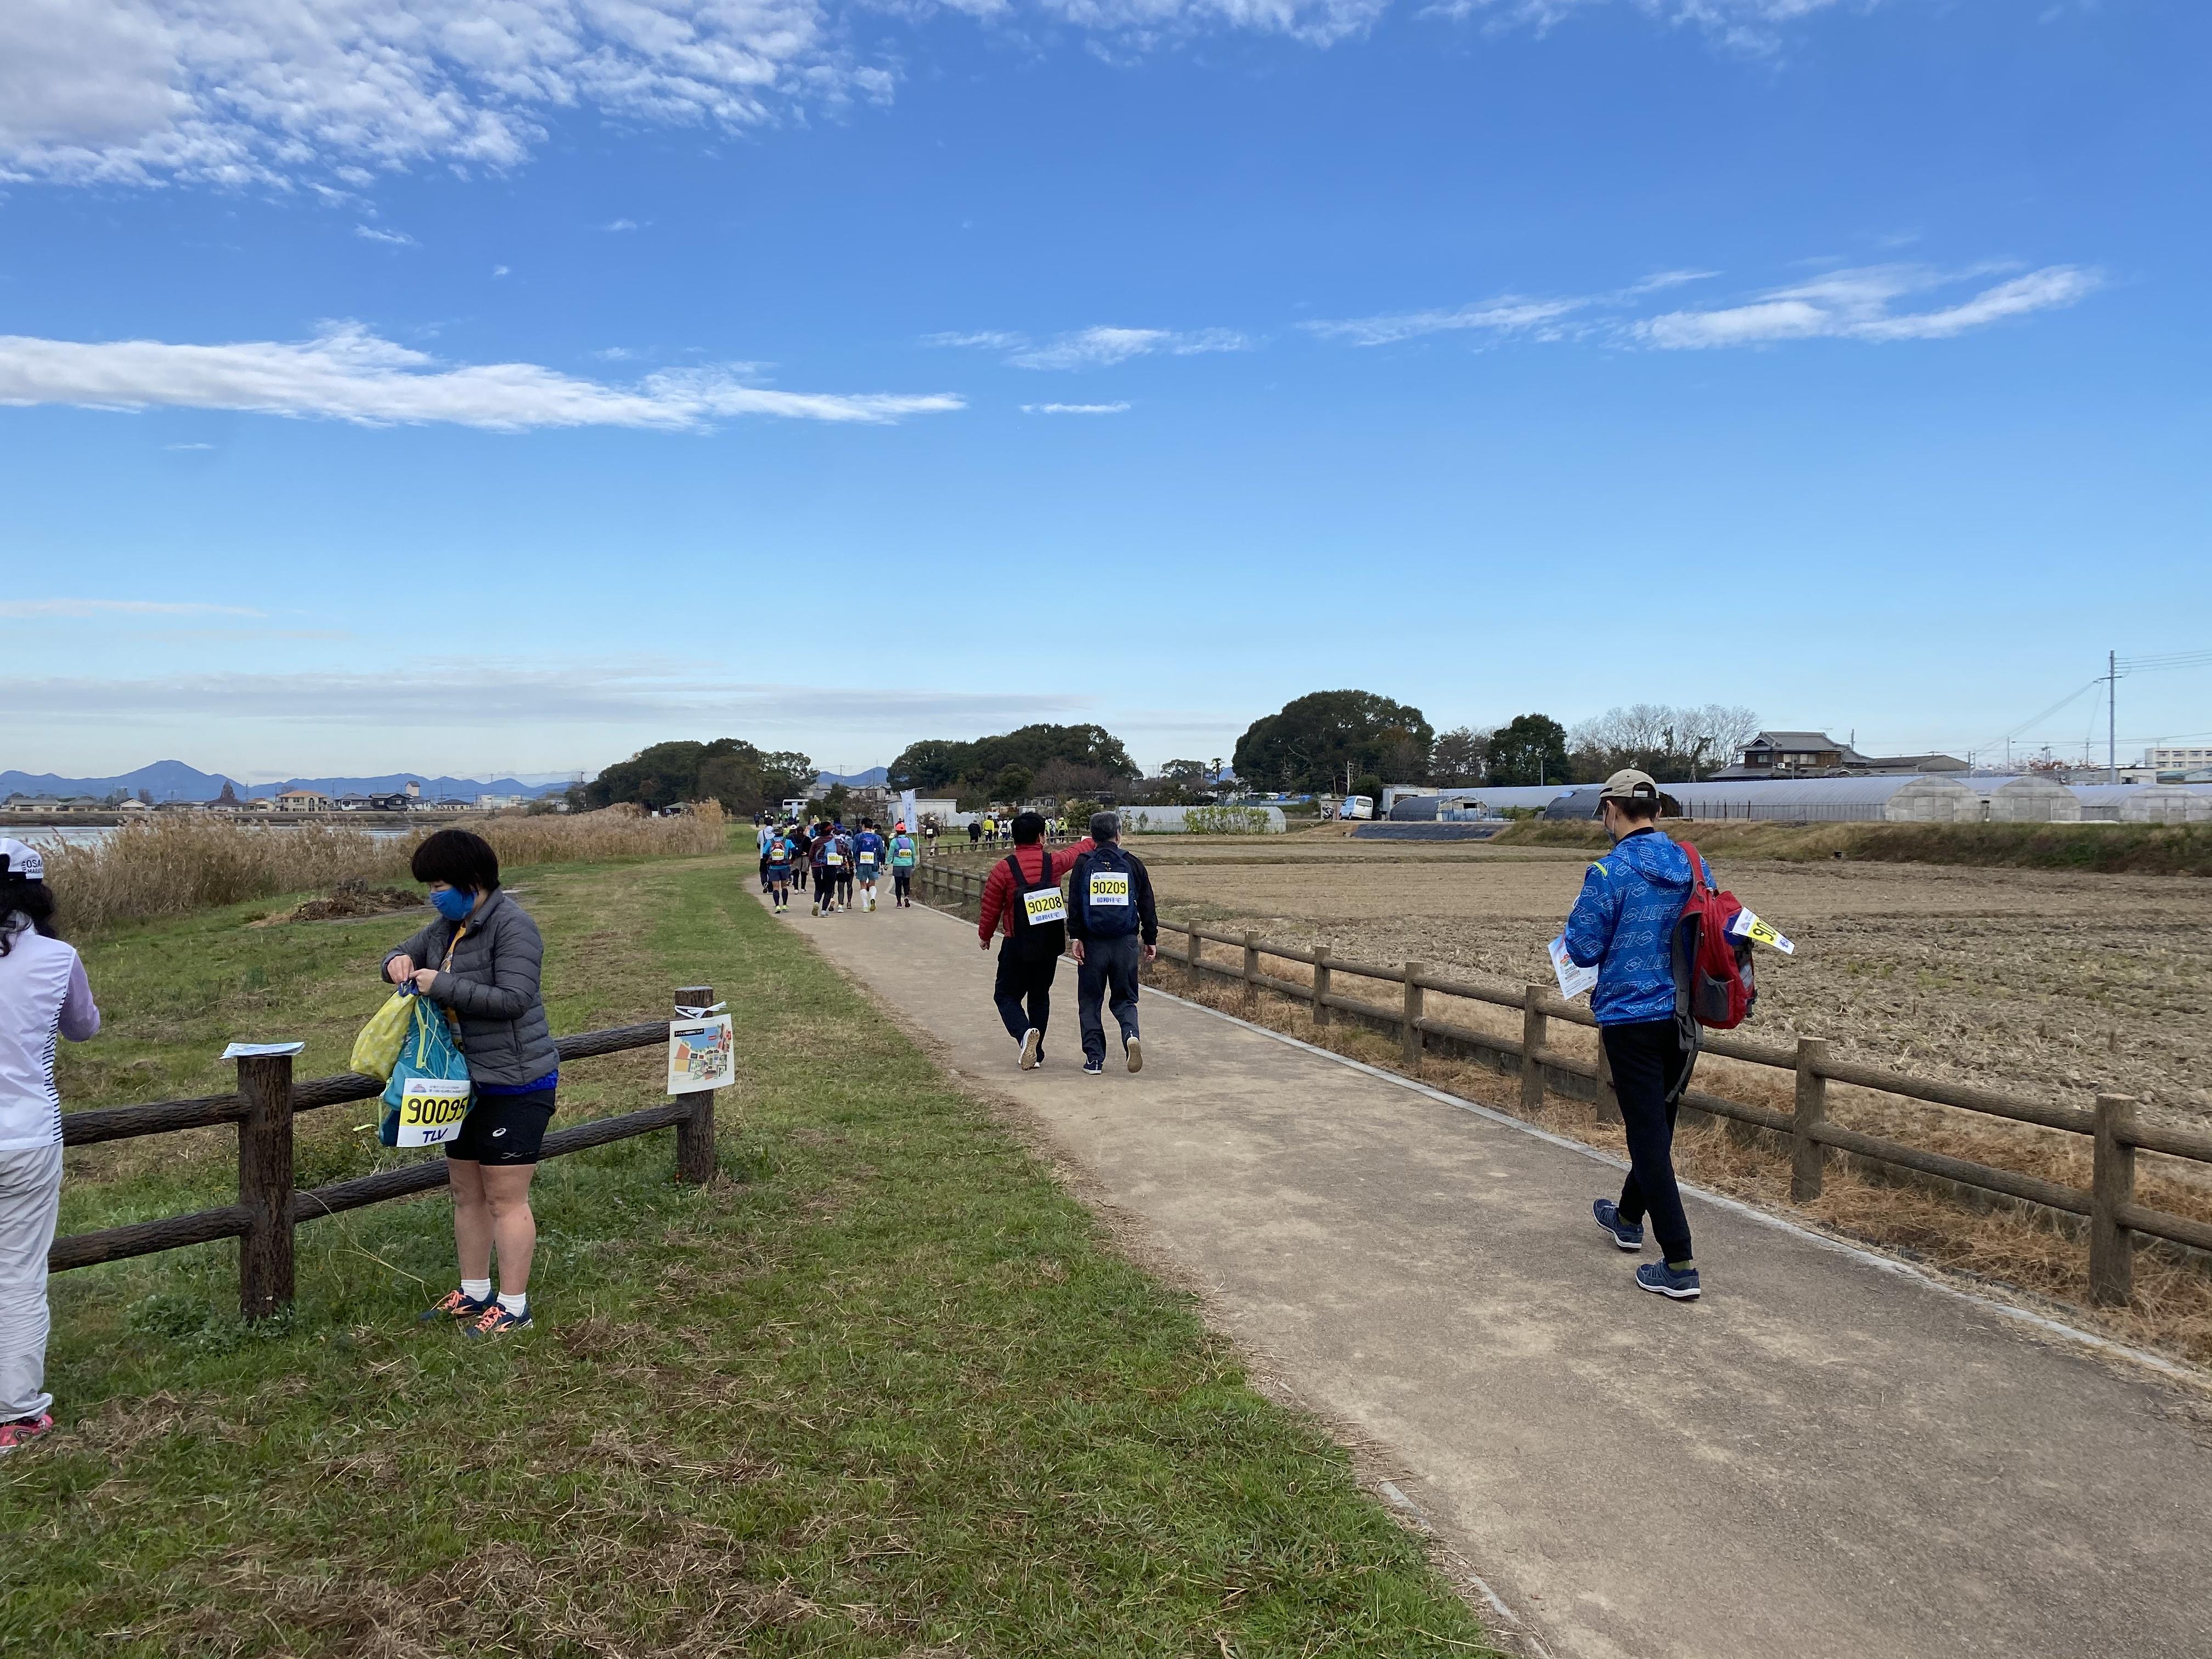 広いいなみ野大地をゆったり歩く。これも一興ですか。右側の青年は『実際は23kmだった』と❢❢道の内側を歩いたのかな。(* ´艸`)クスクス